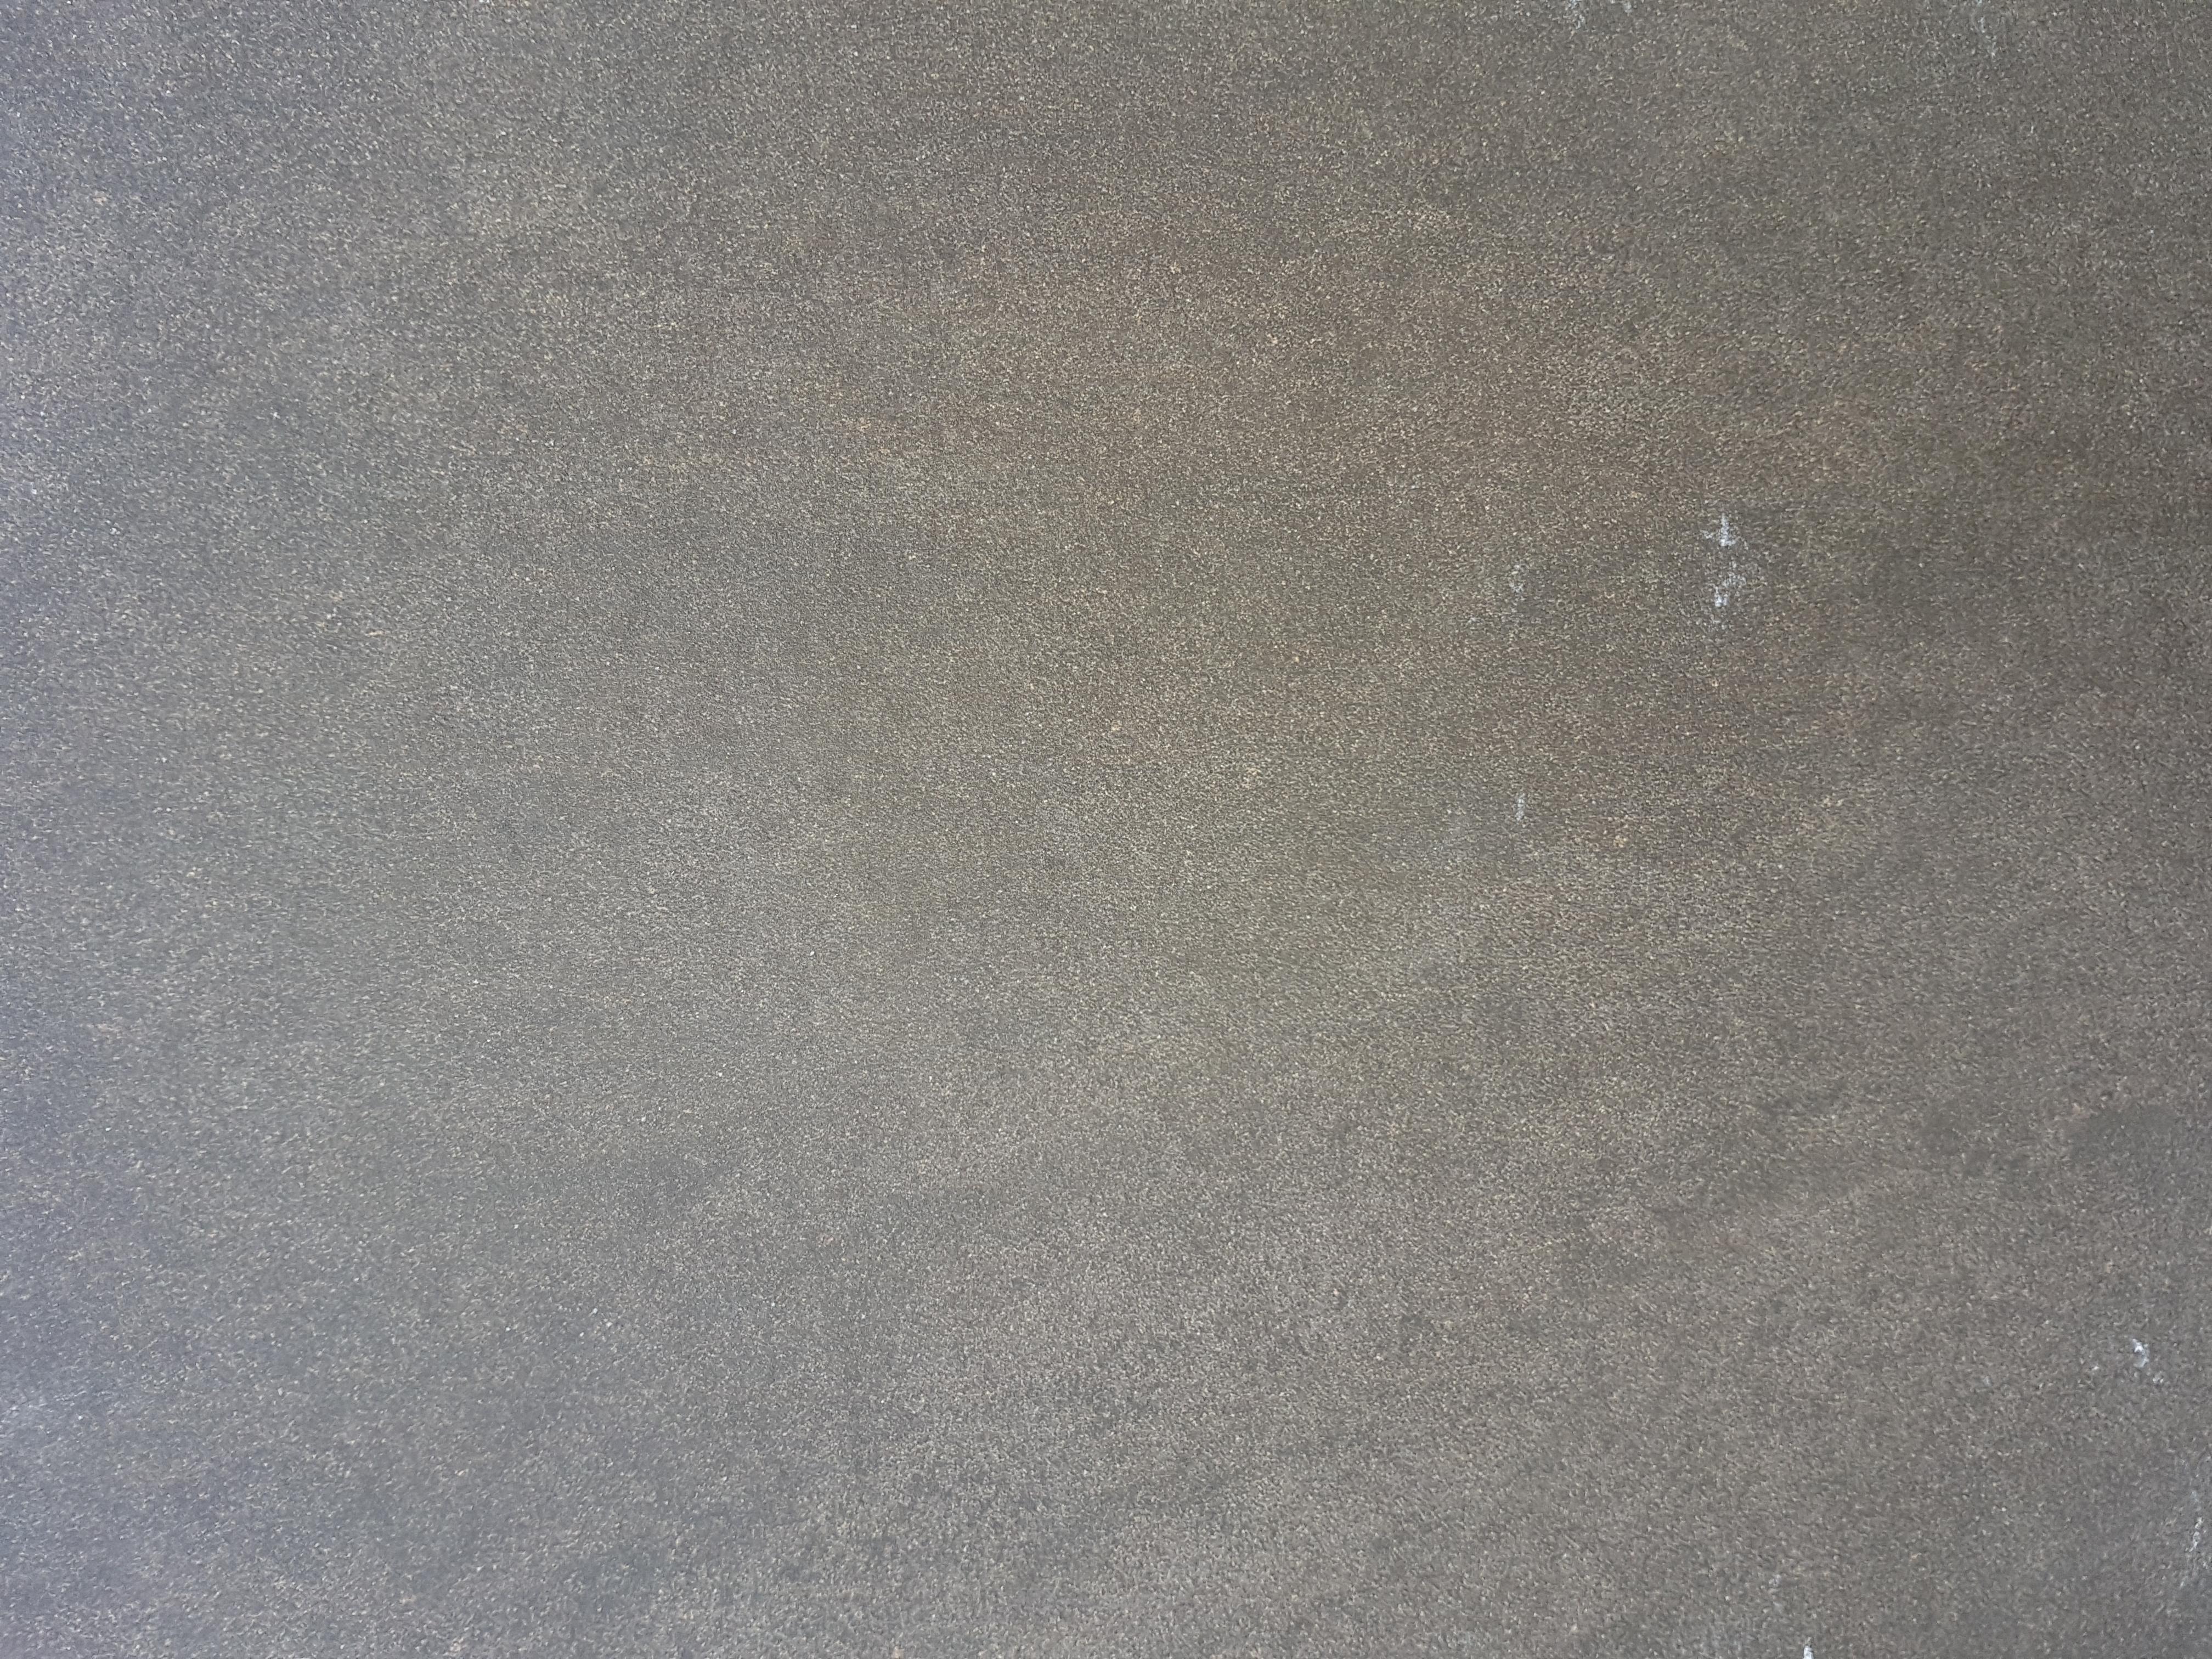 Agrob Buchtal Valley erdbraun AB-052087 Terrassenplatten 60x60 strukturiert, vergütet R11/B